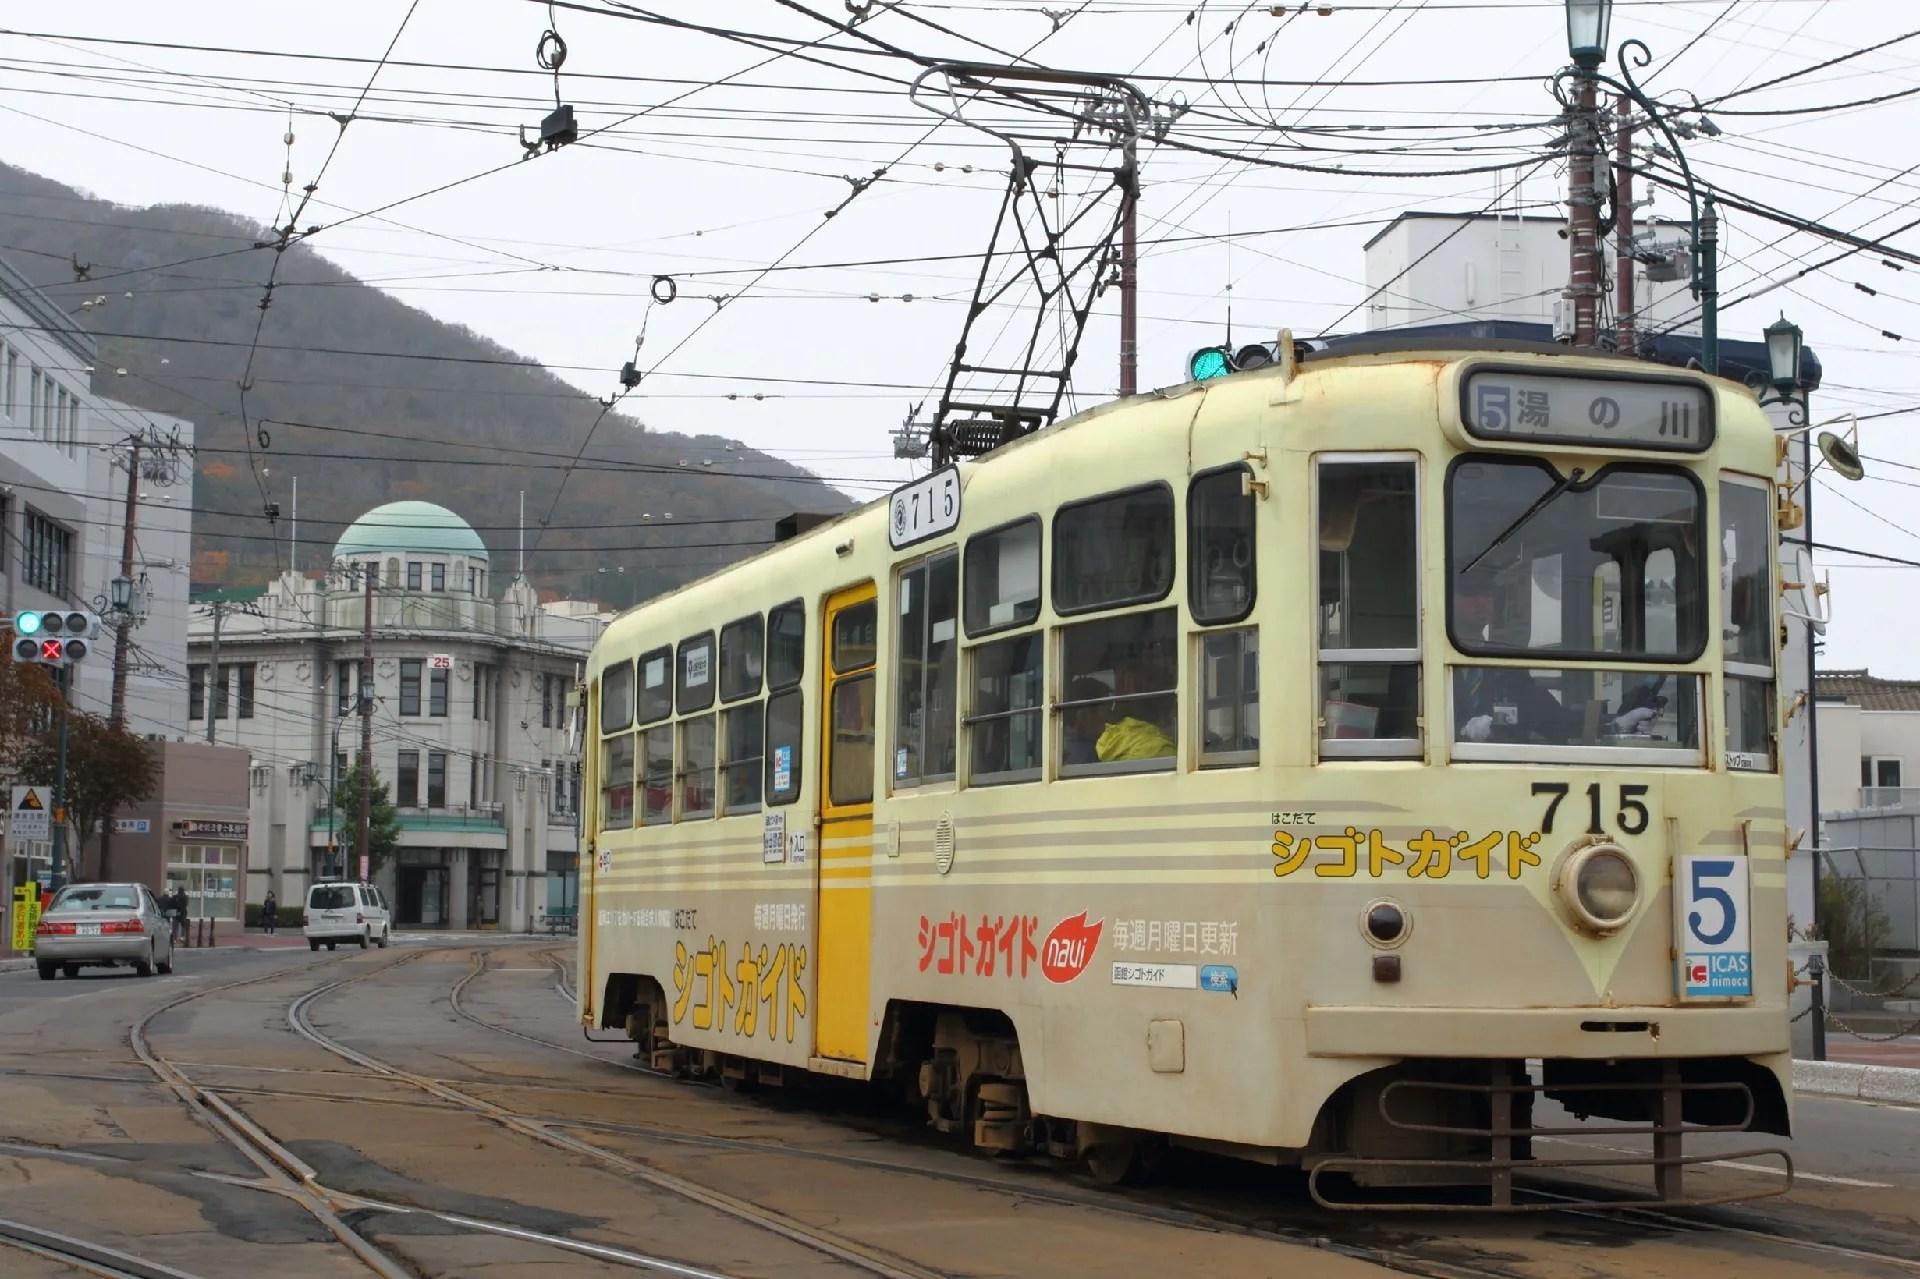 函館市電から - カマ鉄オモシー組合